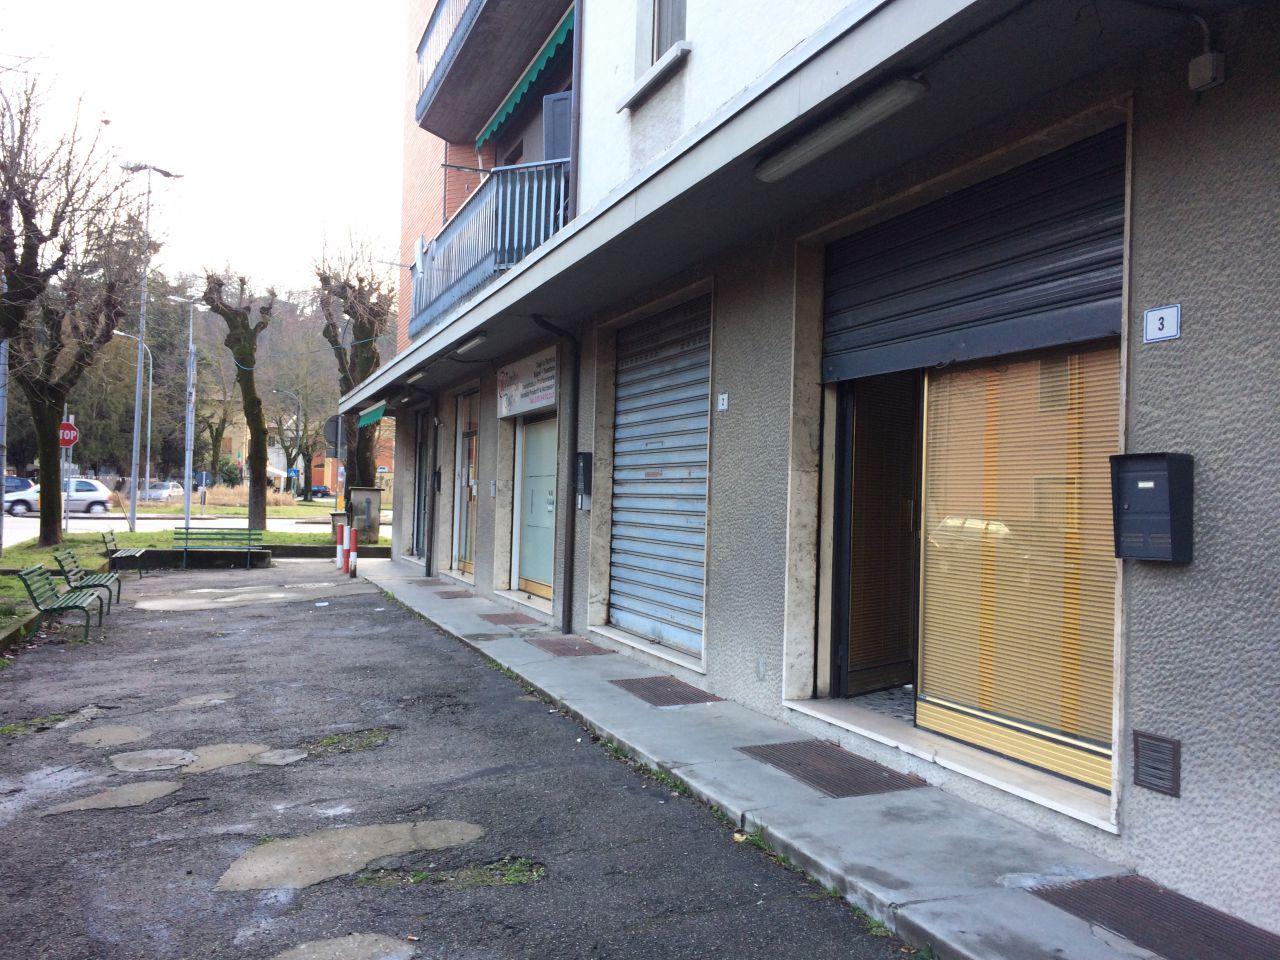 CRESPELLANO IMMOBILE COMMERCIALE in AFFITTO Valsamoggia €